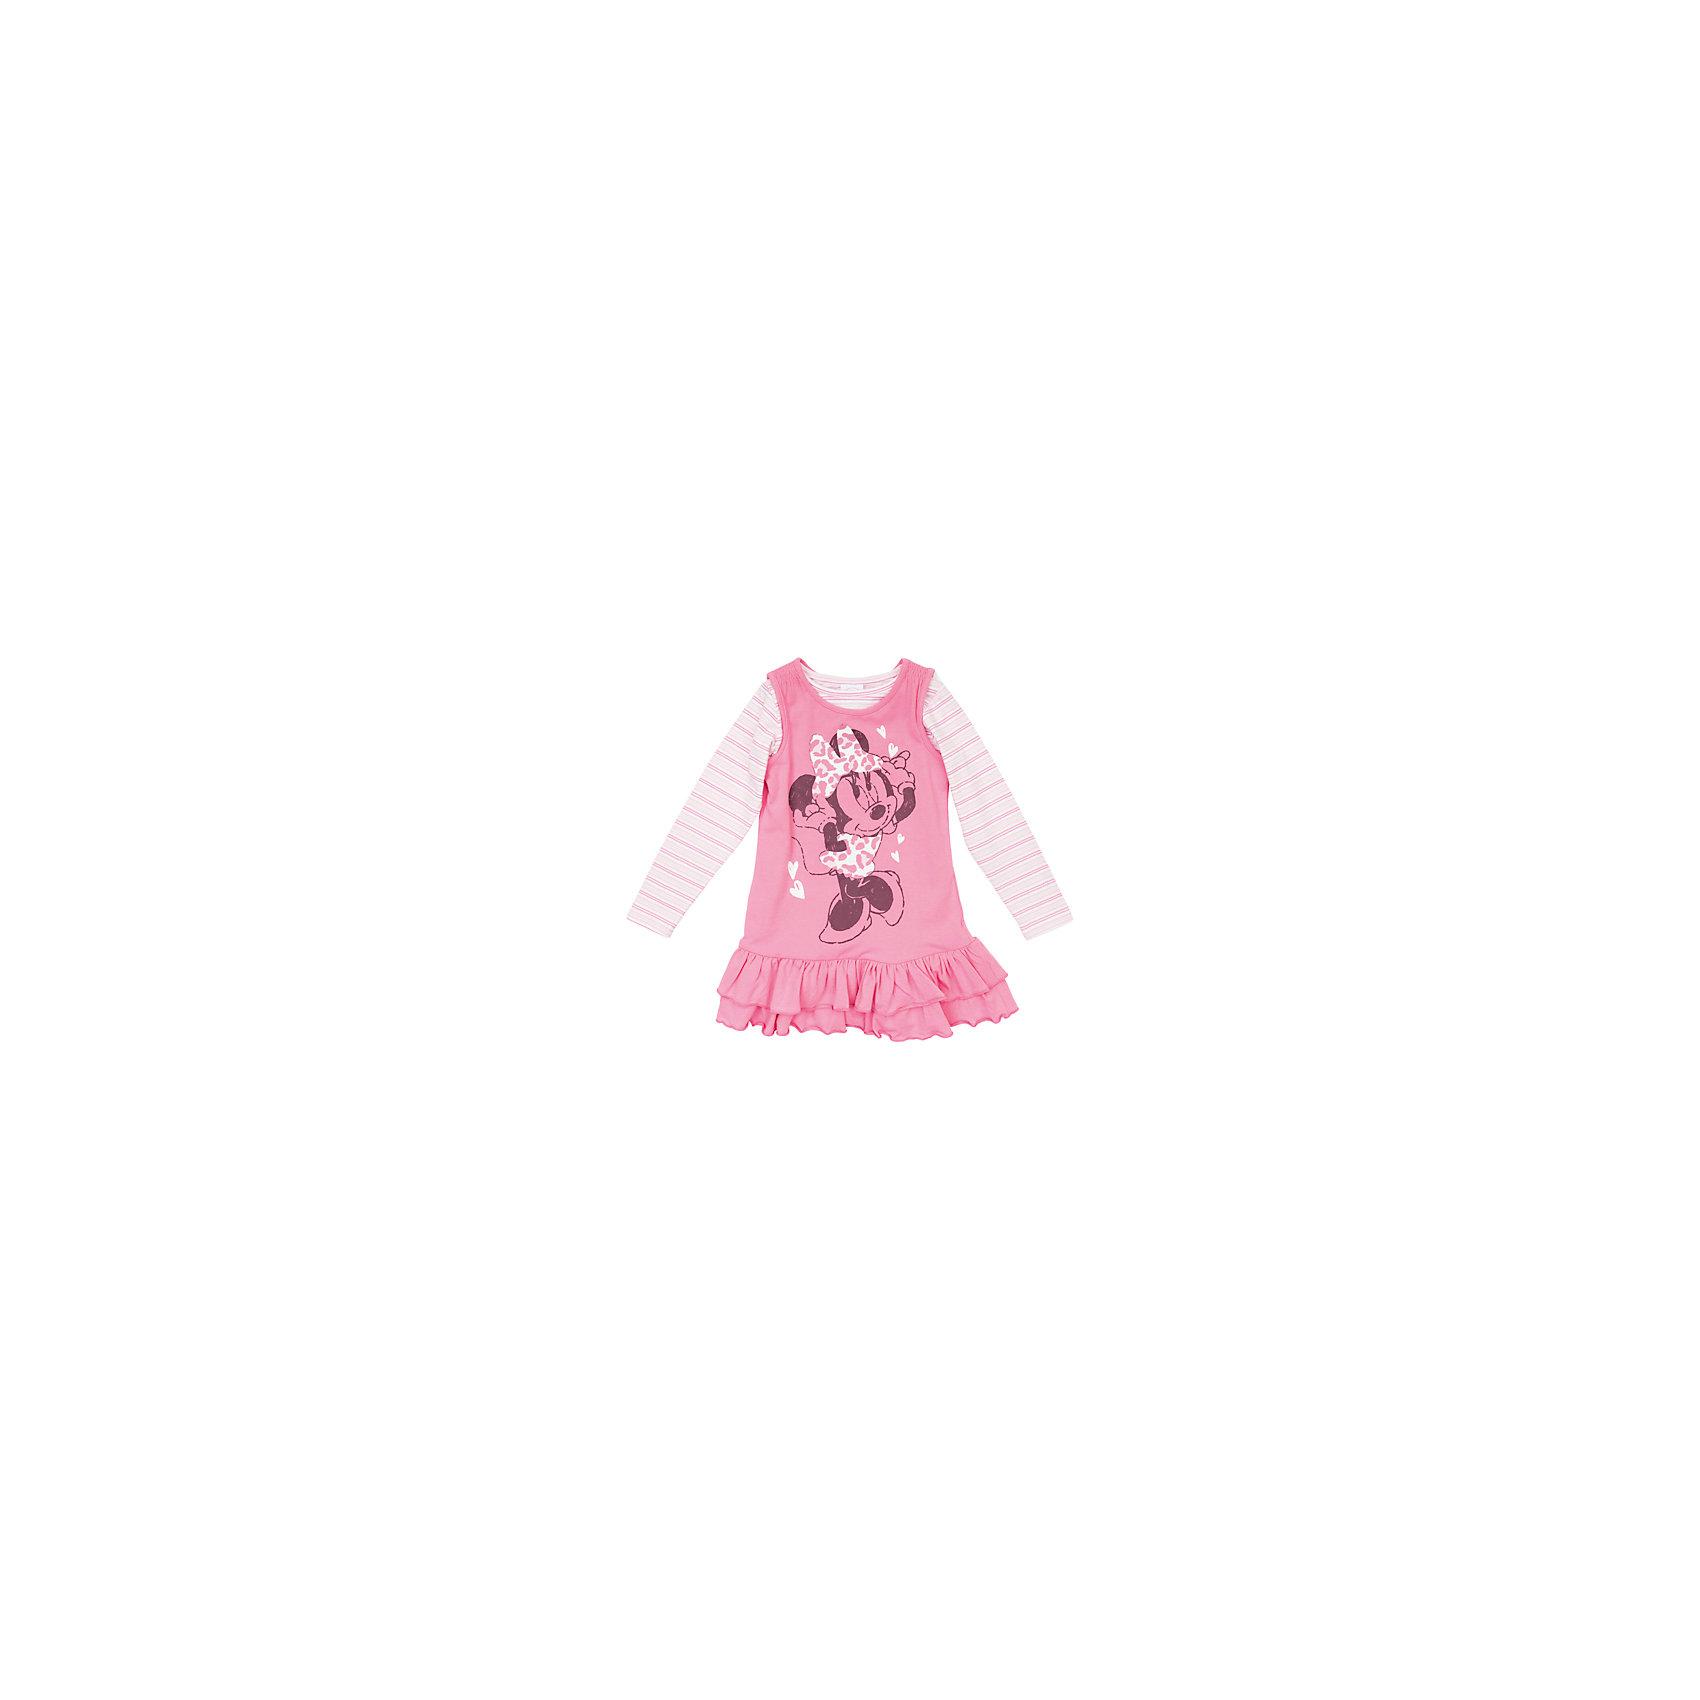 Комплект для девочки: футболка с длинным рукавом и сарафан Минни Маус